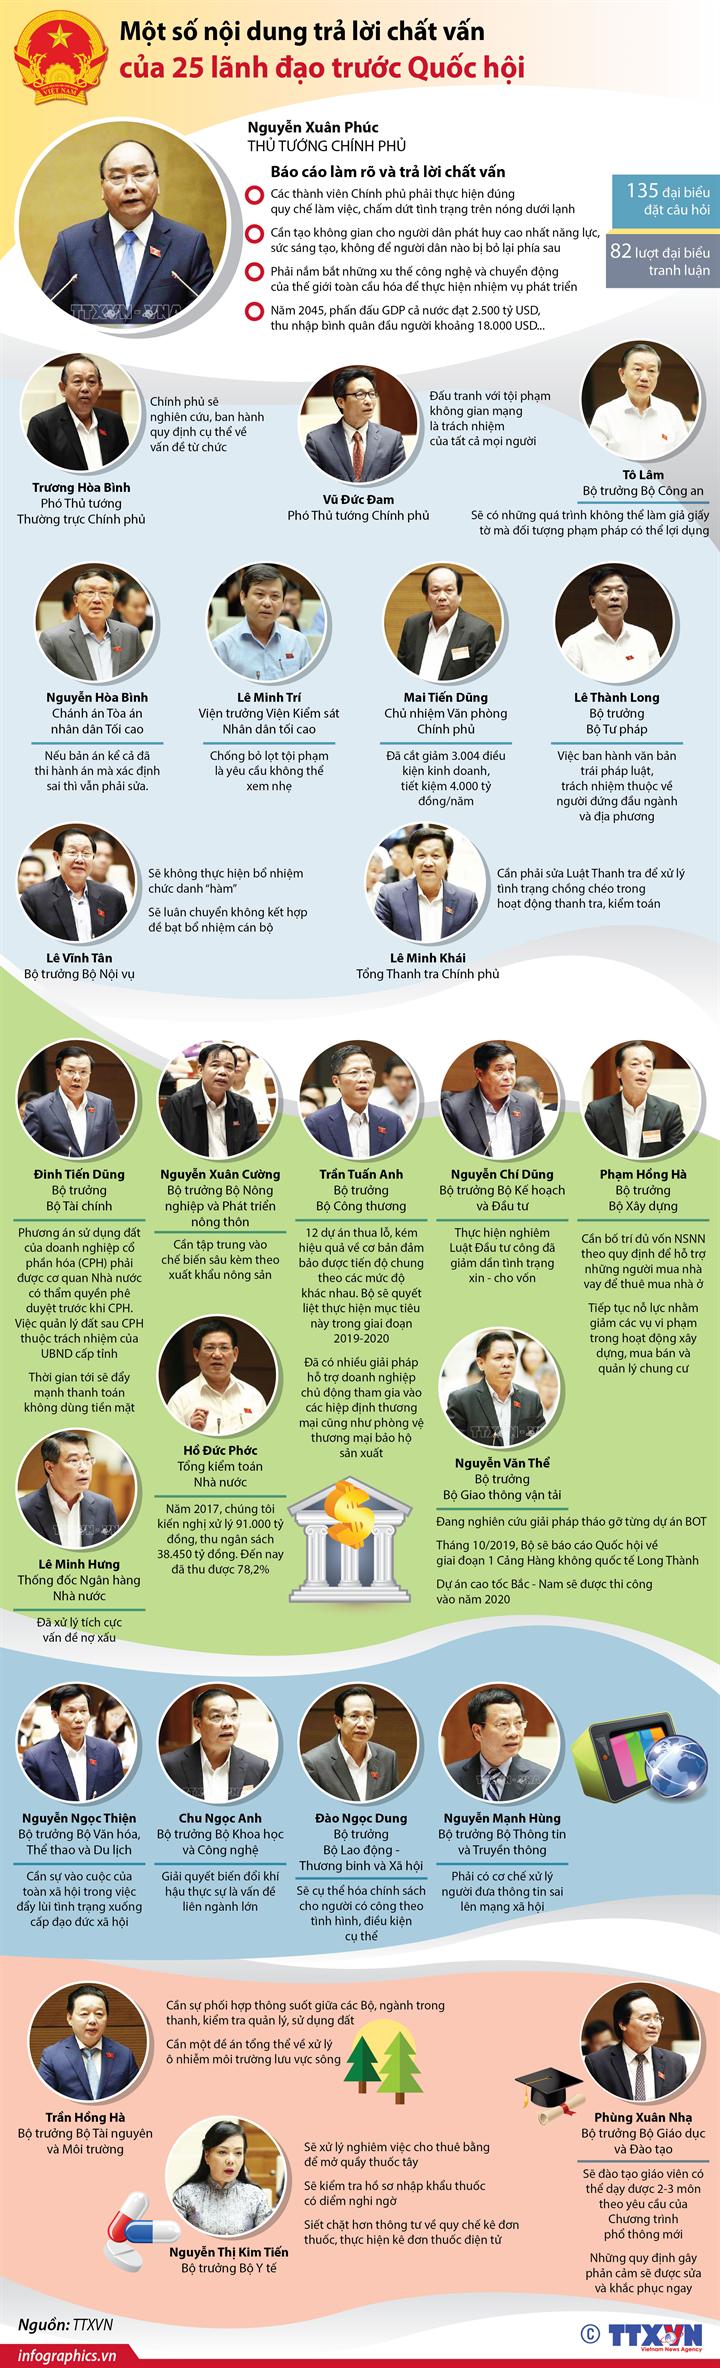 Một số nội dung trả lời chất vấn của 25 lãnh đạo trước Quốc hội